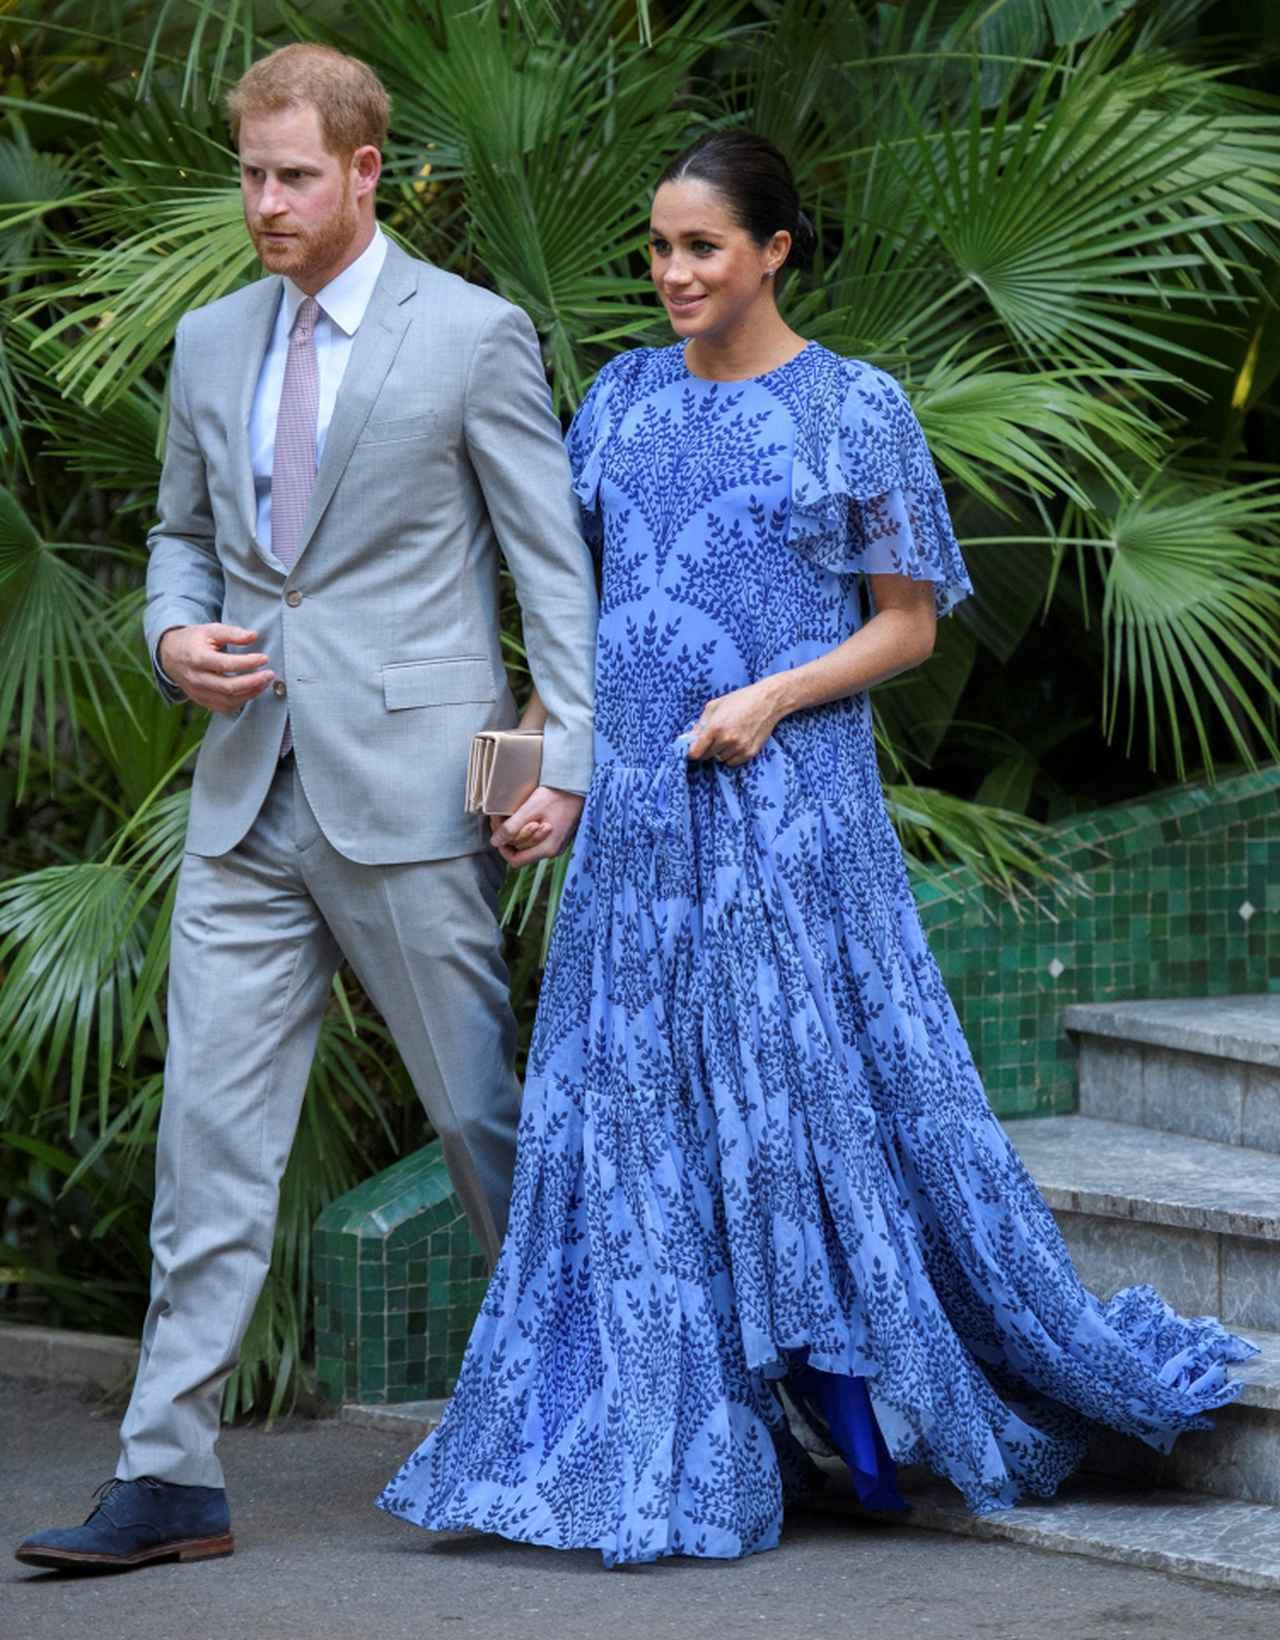 画像: メーガン妃は、まだイギリス王室の高位王族として活動していた2019年2月のモロッコ訪問の際にもキャロリーナ・ヘレラのドレス(妊娠報告写真とは同一ではない)をマタニティウェアとして着用していた。